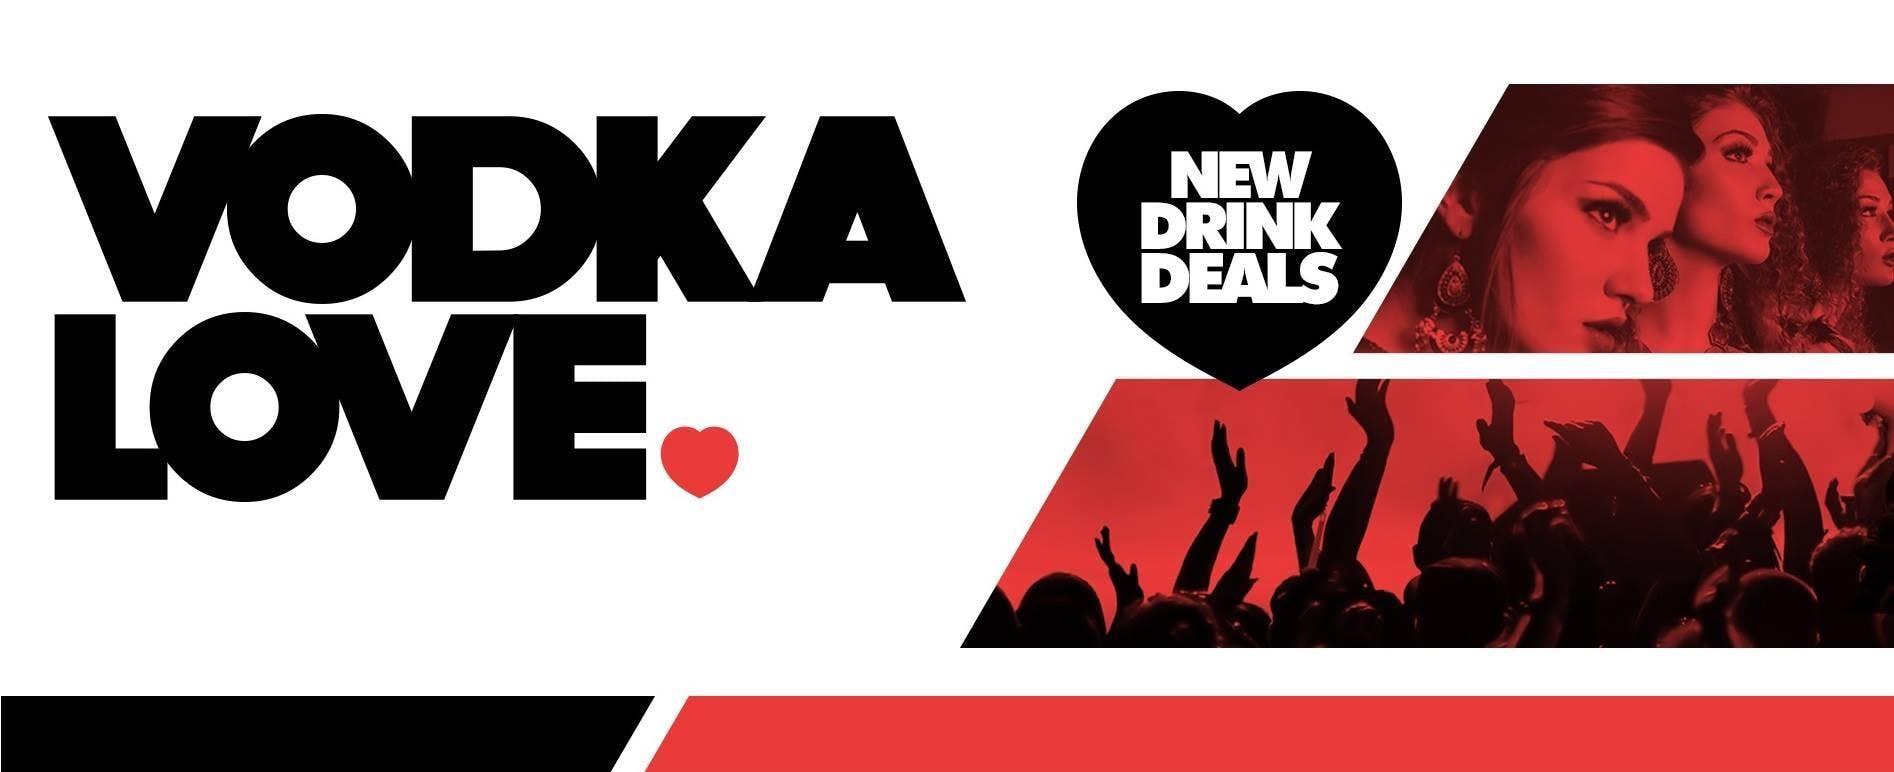 Vodka Love Returns!